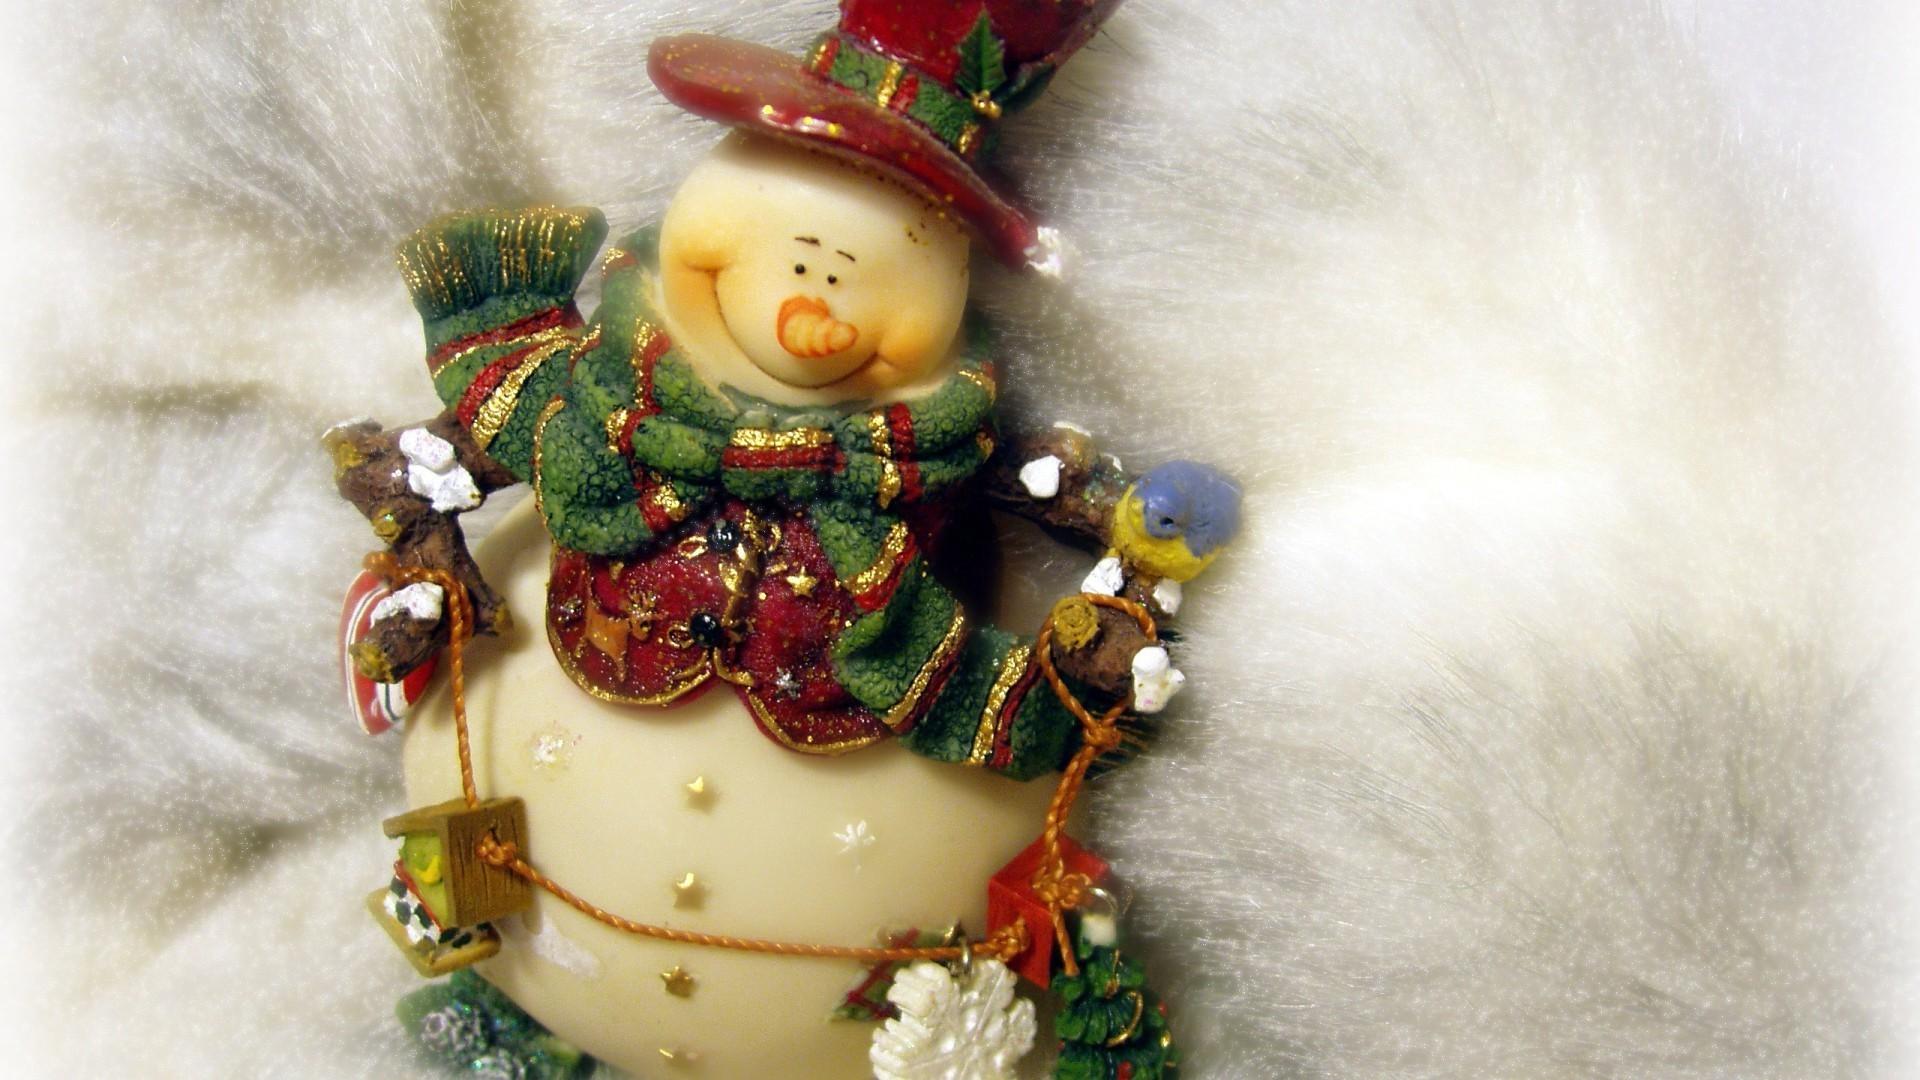 зима куклы подарки любовь смотреть